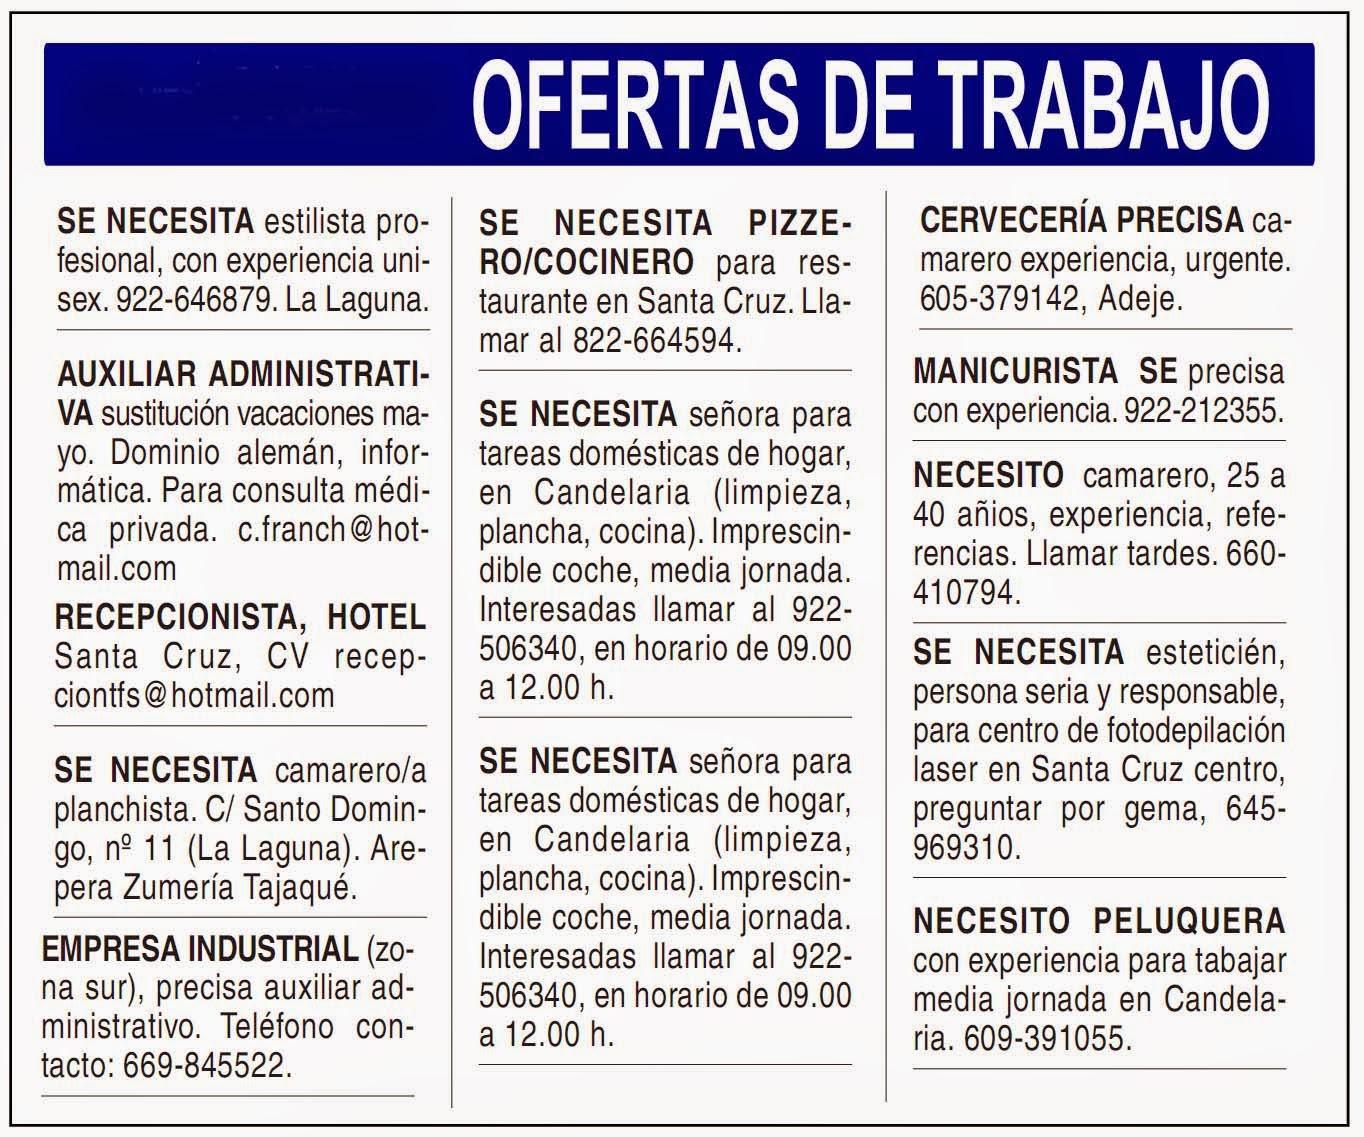 Trabajos en guayaquil abril 2015 ecuador noticias - Trabajo de jardinero en madrid ...